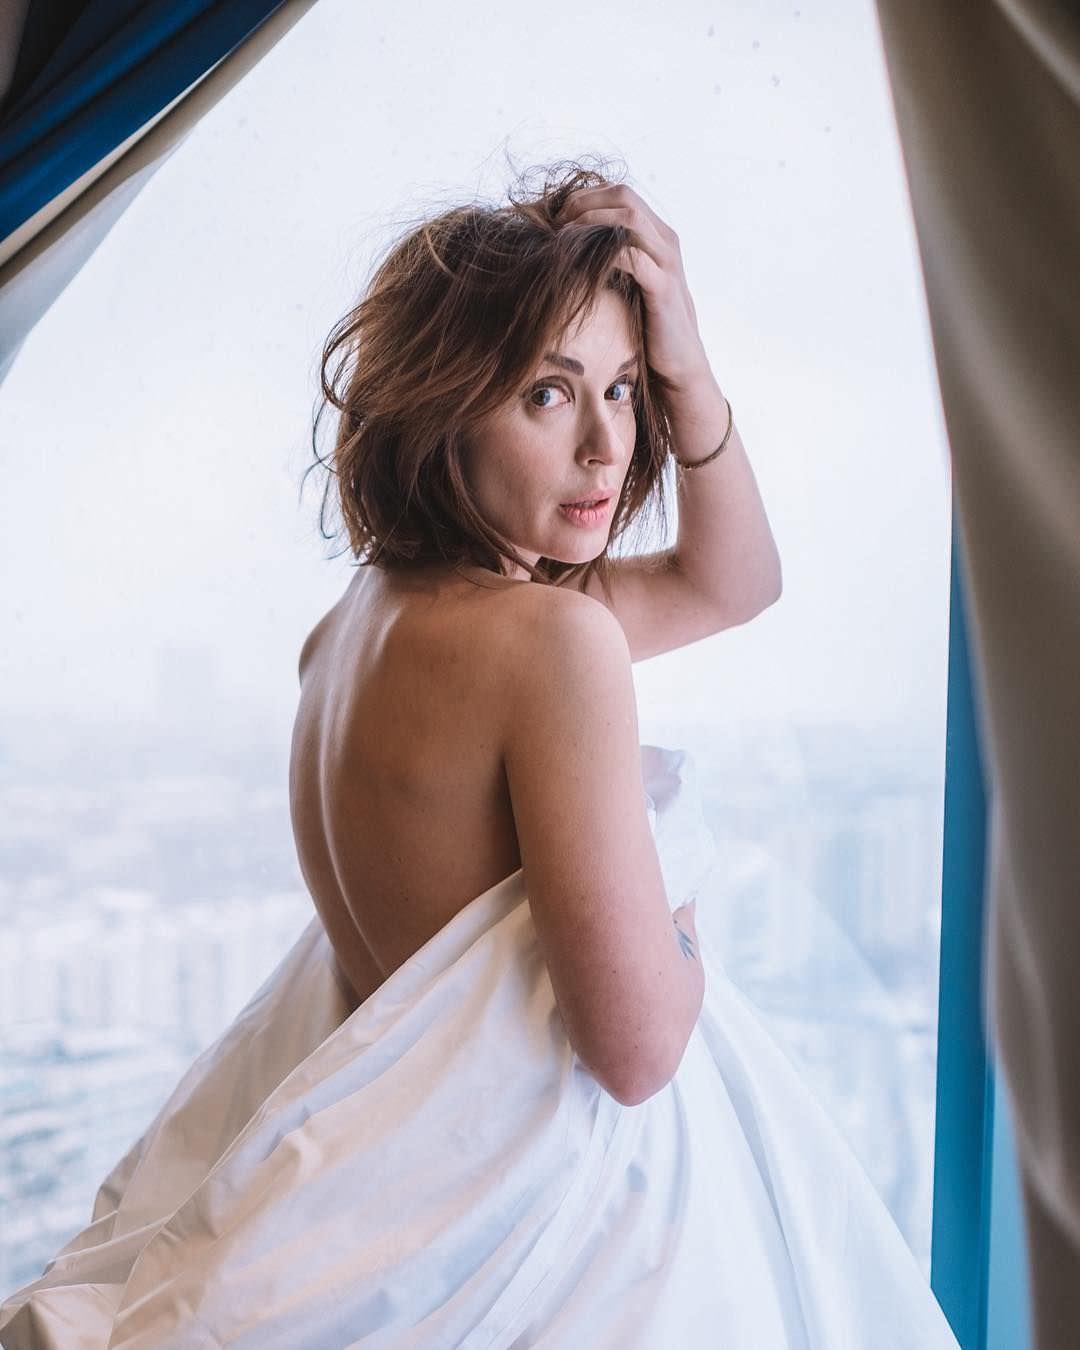 Ирина Муромцева фото со спины